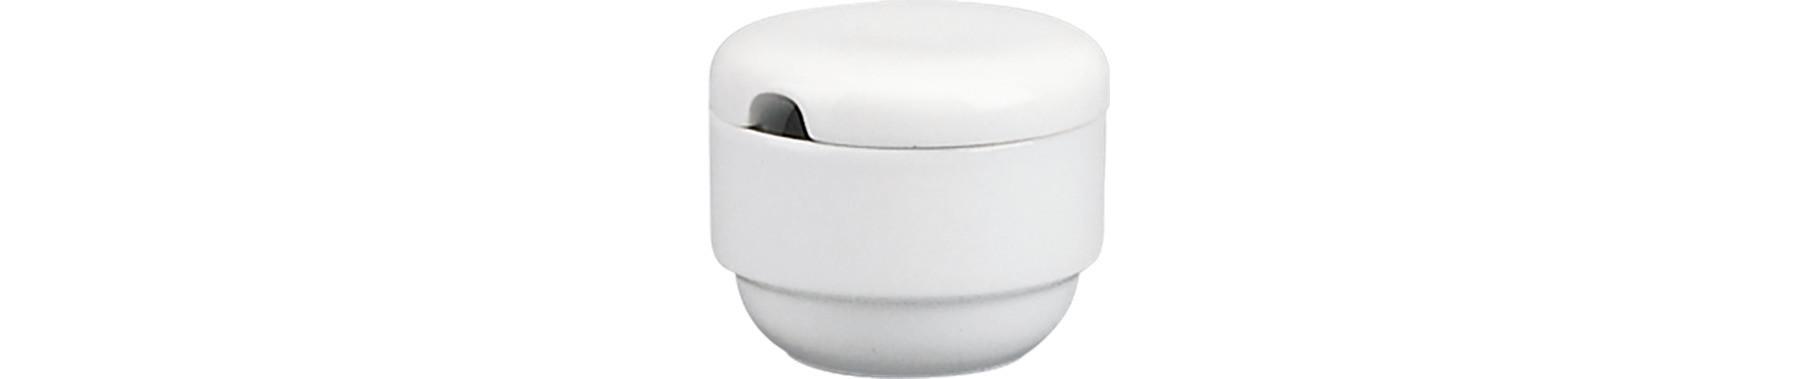 898/598, Marmeladen- / Zuckerdose ø 84 mm / 0,18 l Form 898